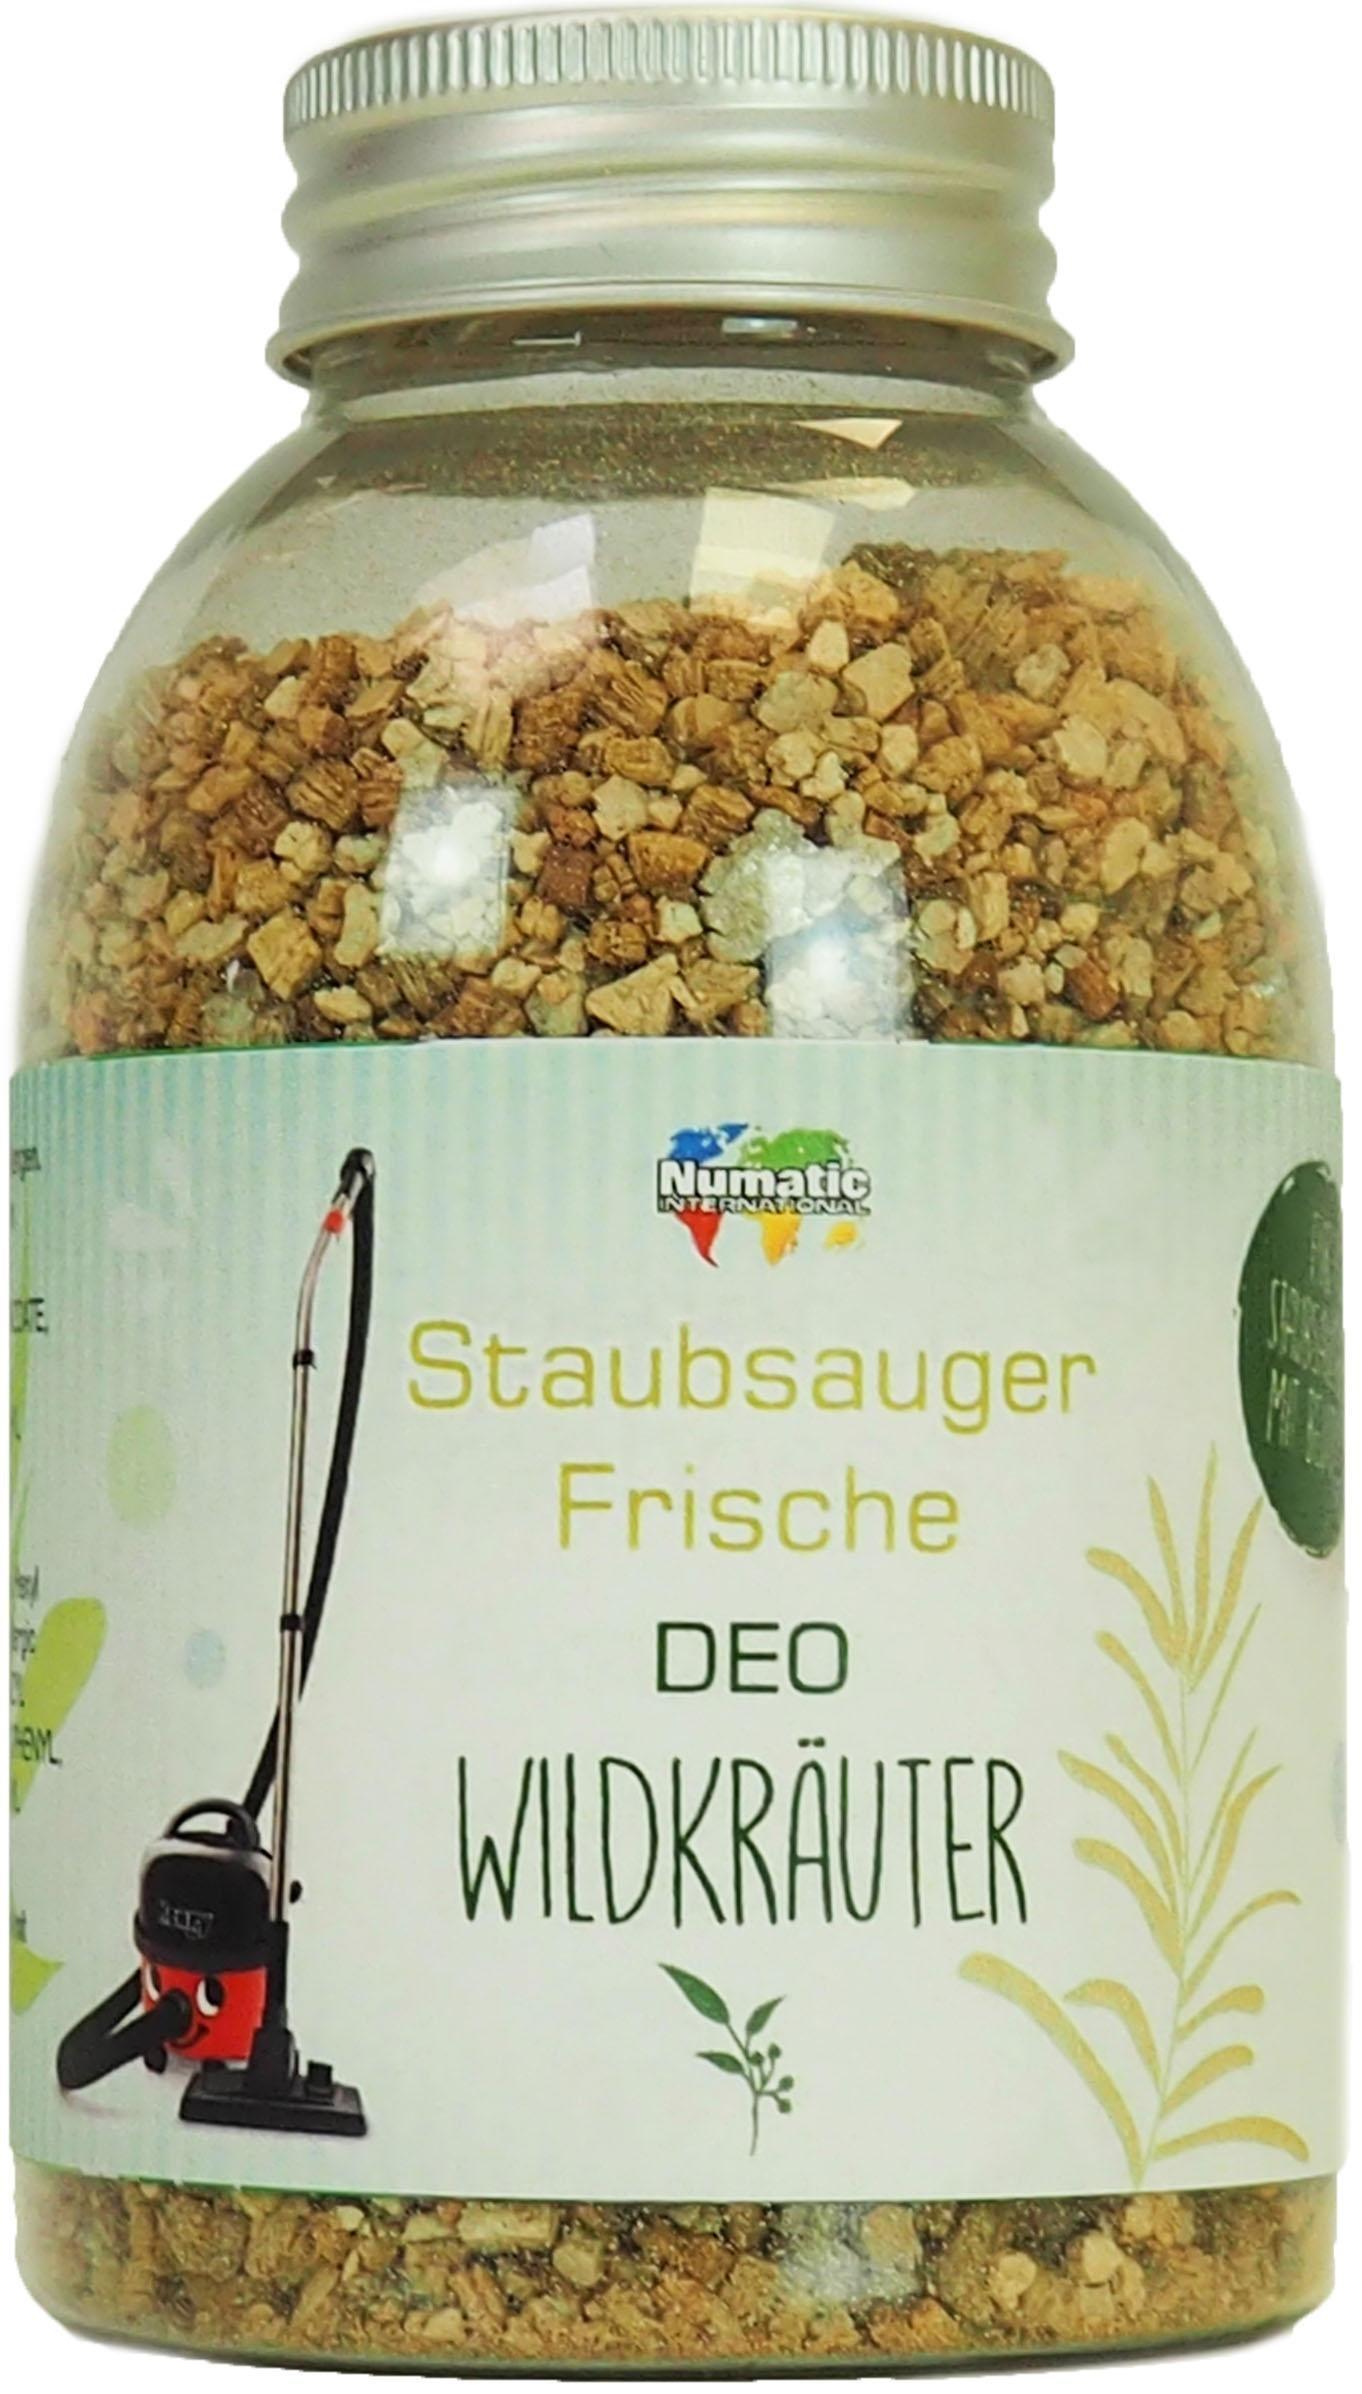 Numatic Wildkräuter Staubsaugergranulat